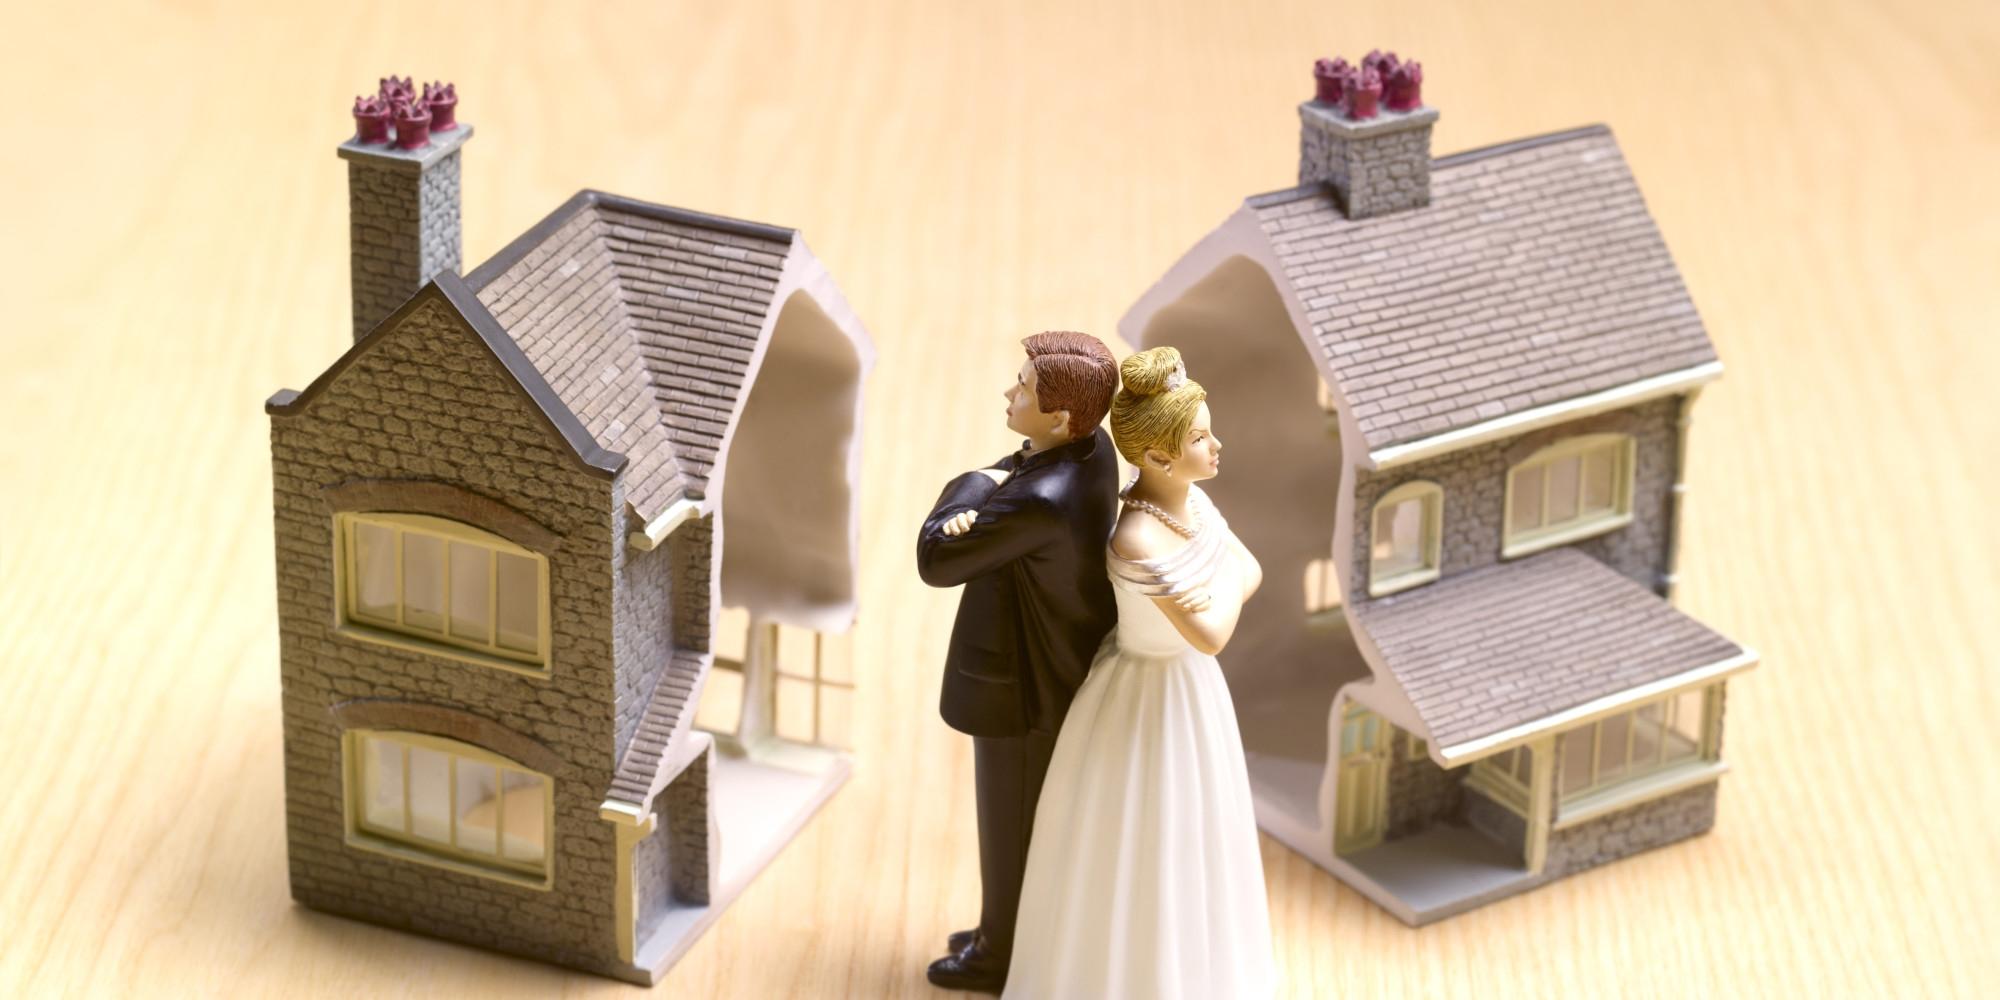 имеет ли бывшая жена право претендовать на квартиру бывшего мужа